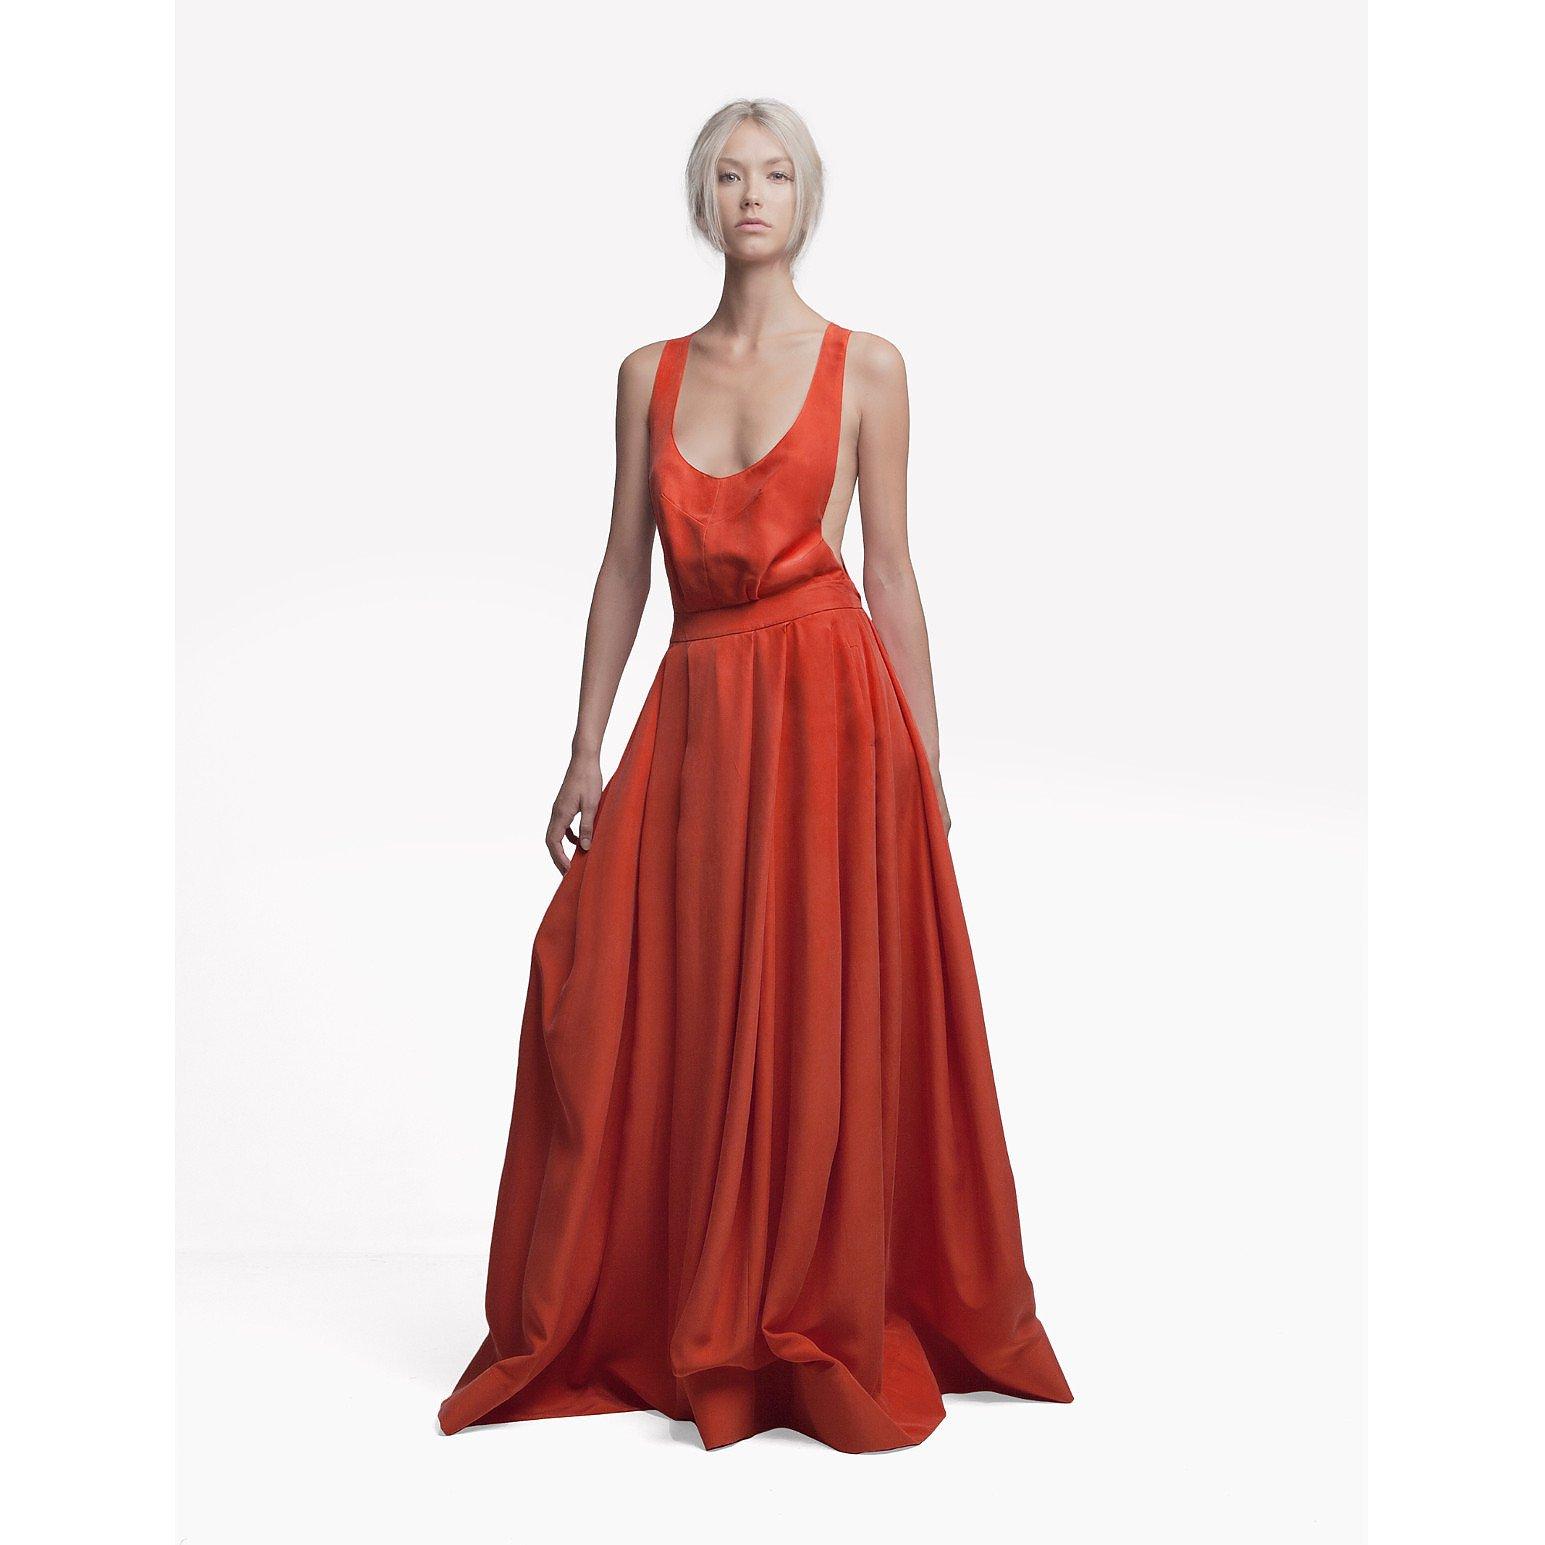 Kalita Fonteyn Apron Dress